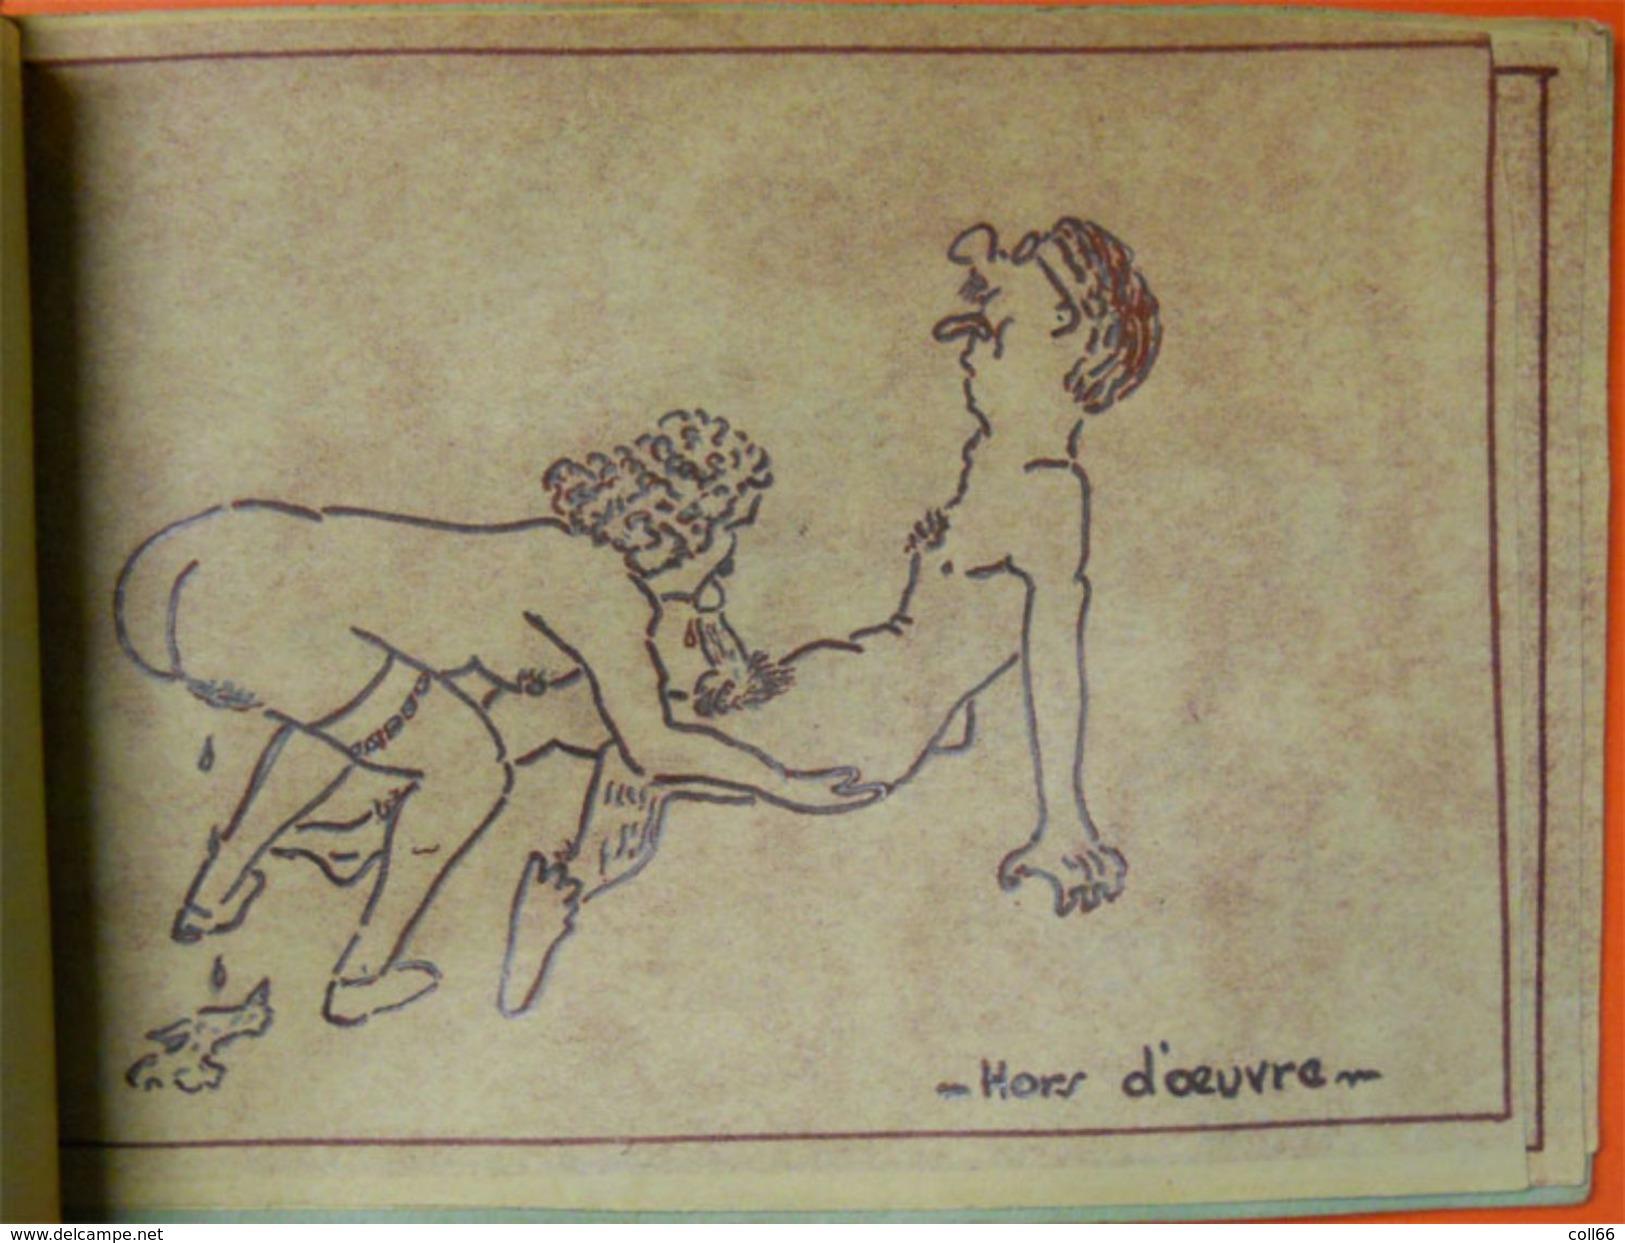 Menu Très Spécial Osé Interdit Aux Enfant Et Personnes Pieuses Curiosa French Kamasutra 18x13 Cms - Menus